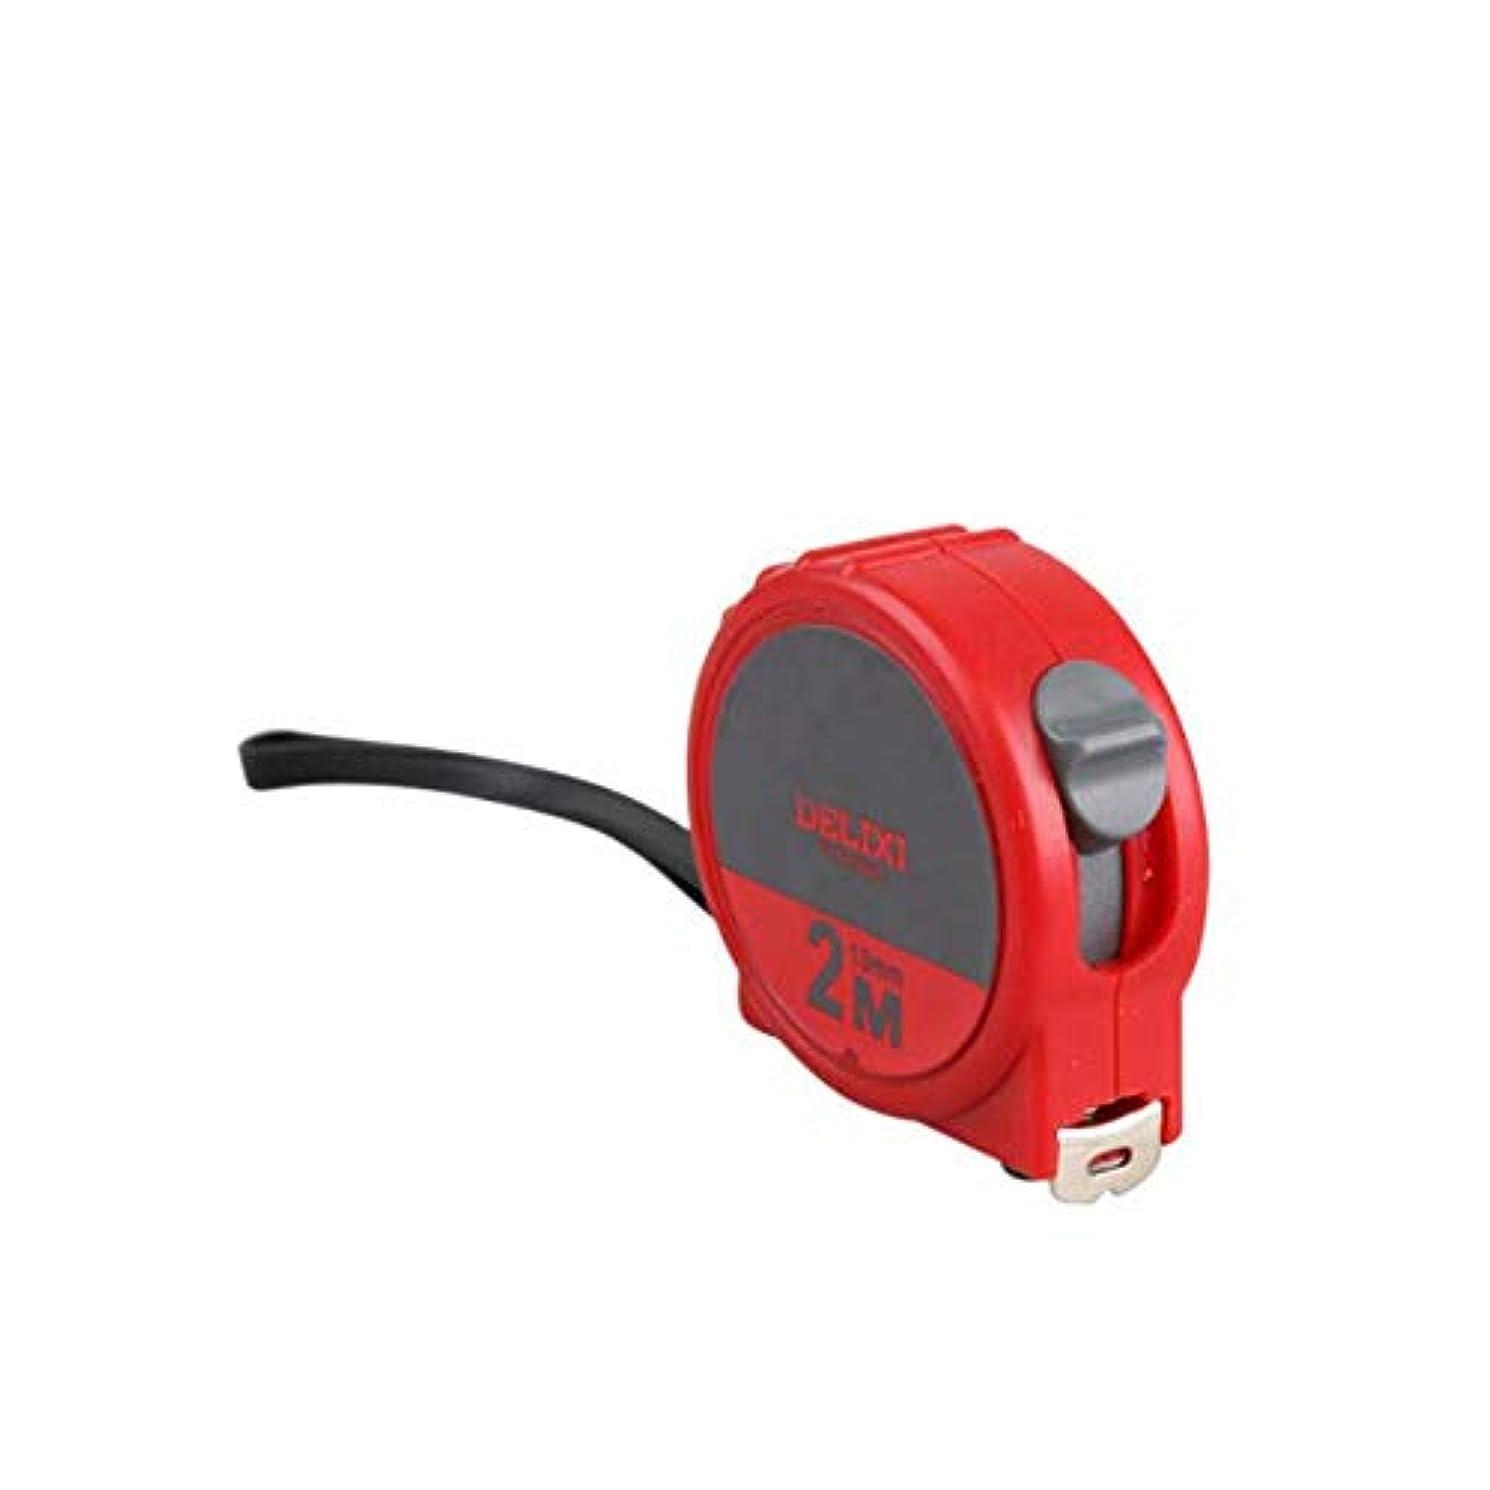 戦闘民兵クマノミGaoxingbianlidian001 鋼製巻尺、2 M 3 M 5 Mミニ小型巻尺、高精度落下抵抗測定ツール 安全性 (Color : Red, Size : 2m*13mm)